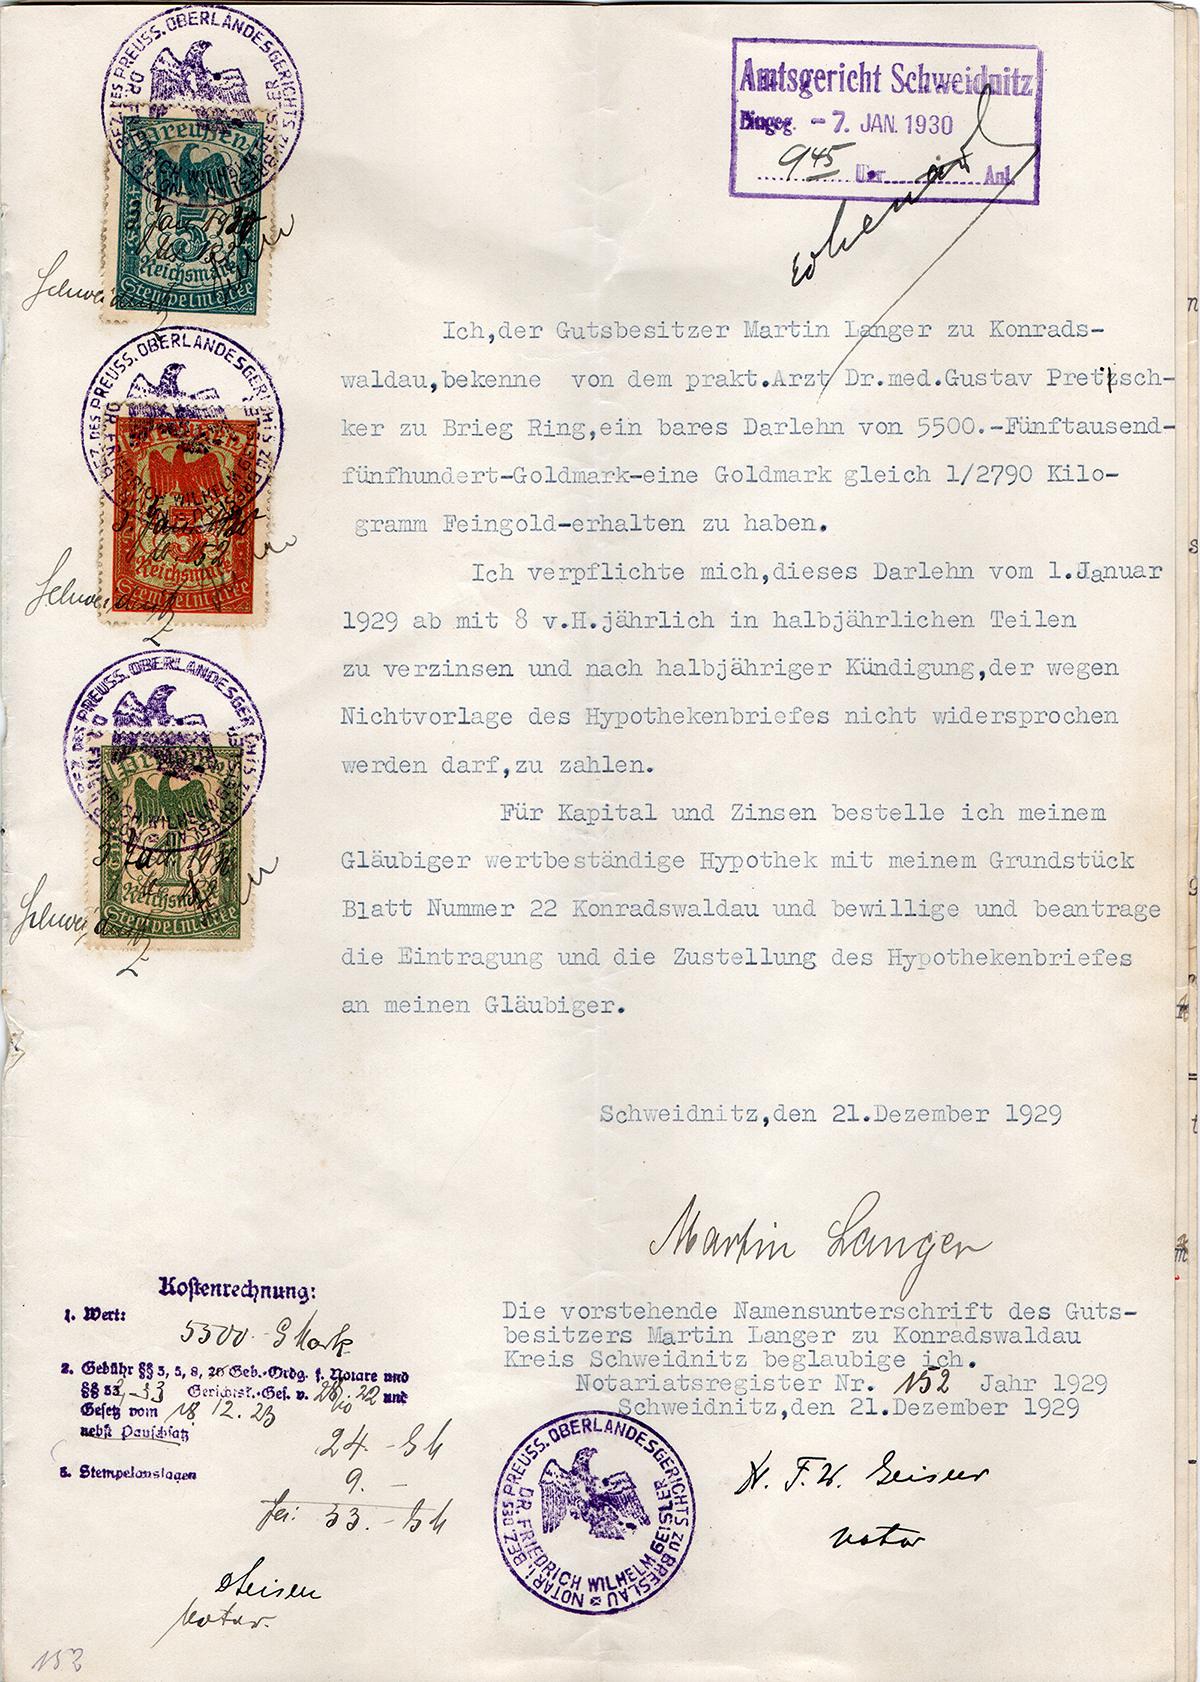 Pożyczka hipoteczna mieszkańca Konradswaldau Martina Langera 1929 (6)